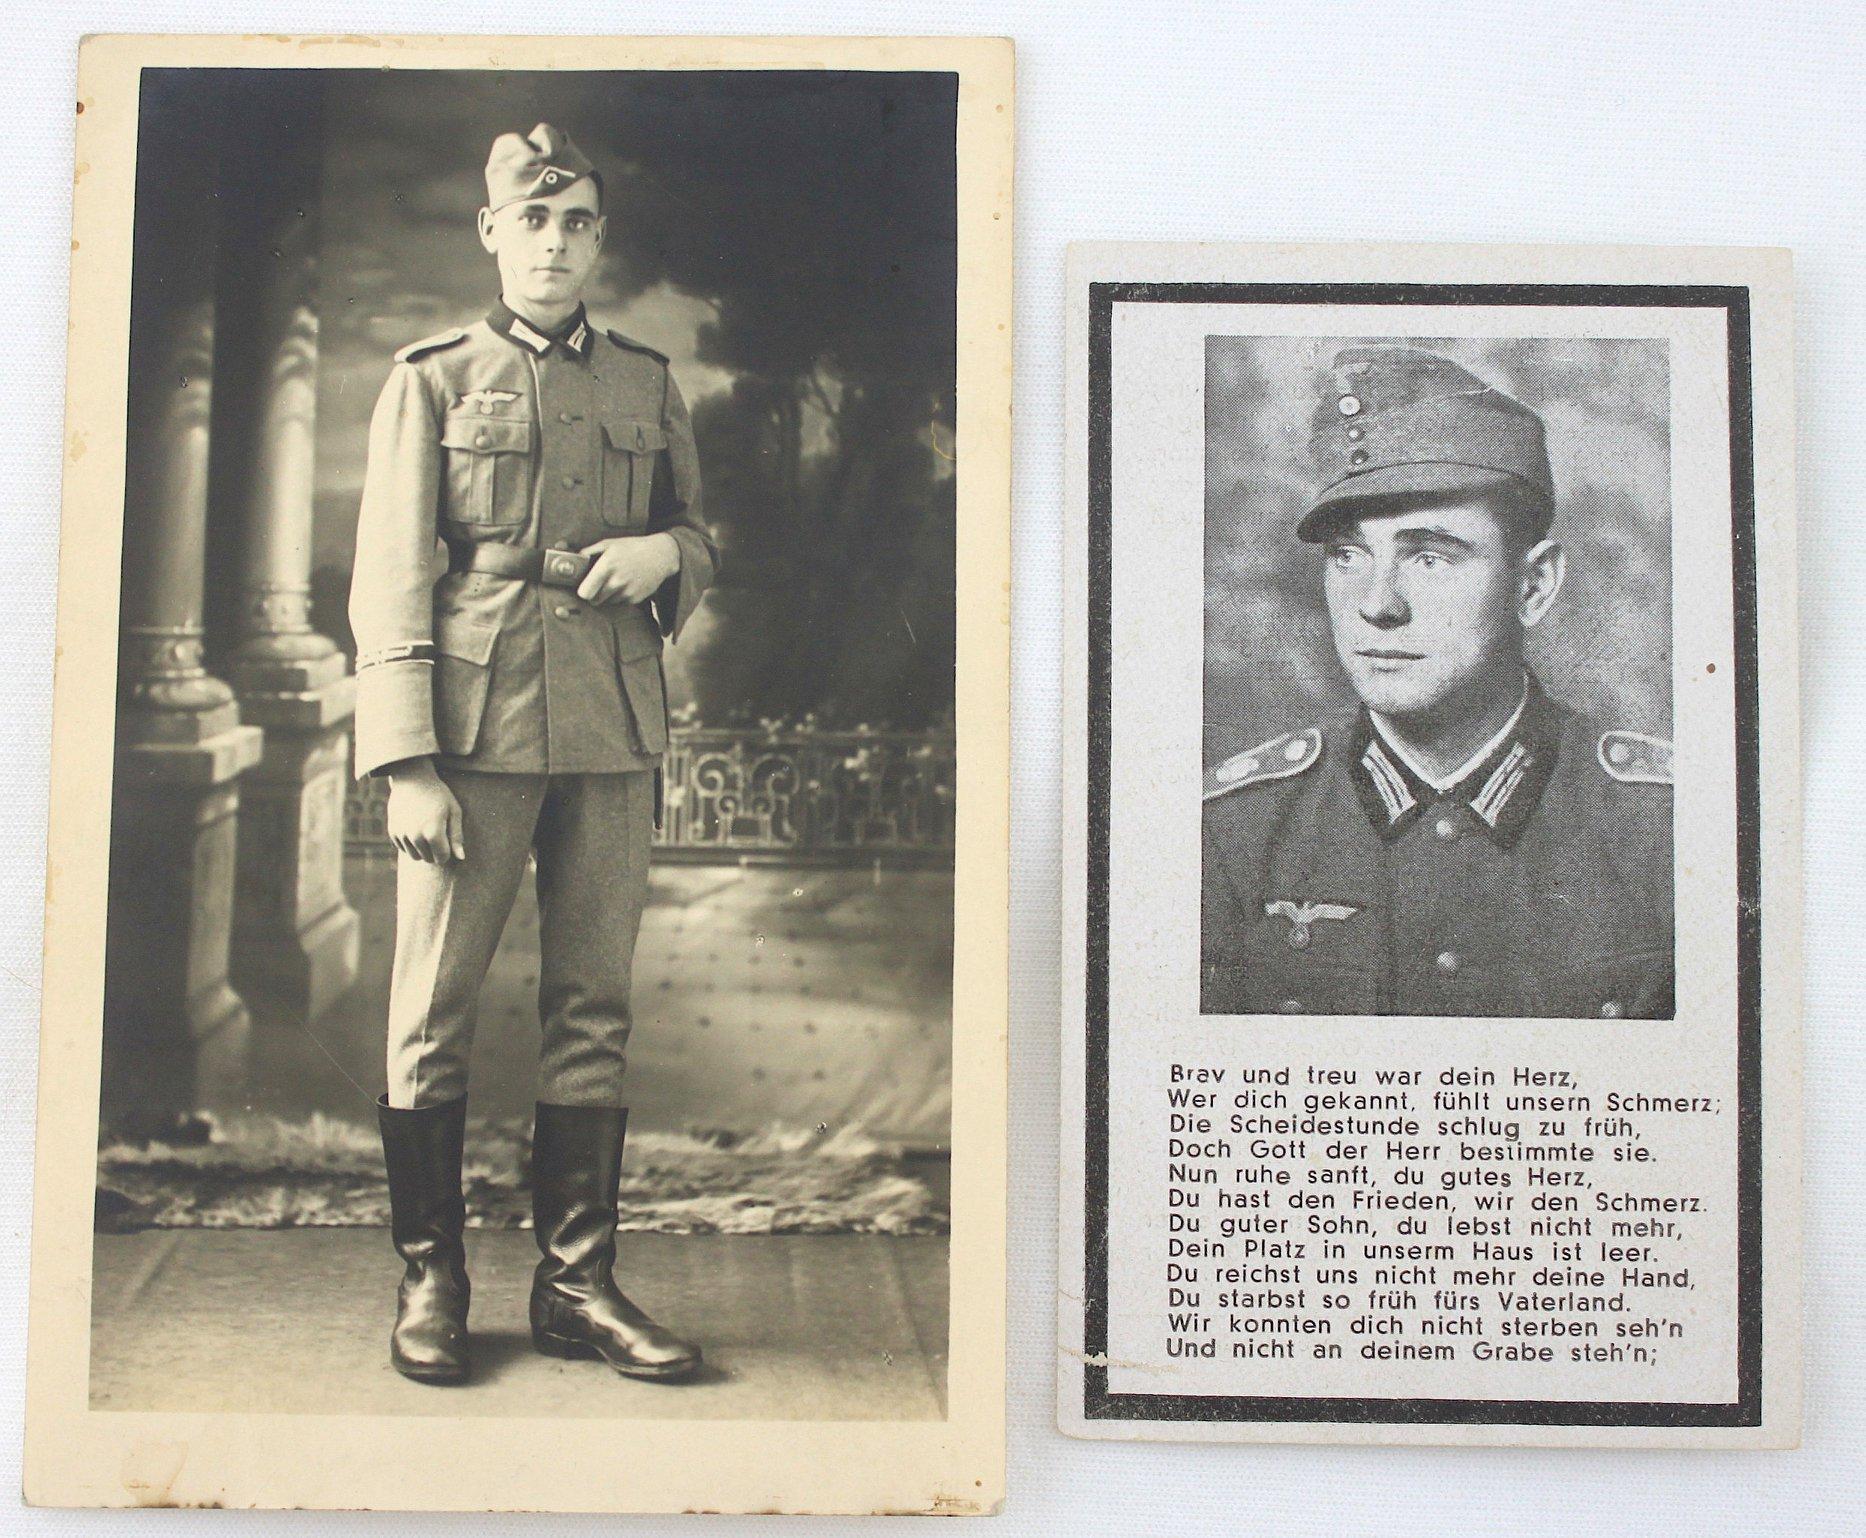 二戰德國大德意志師GD師士兵獨照(名信片尺寸)